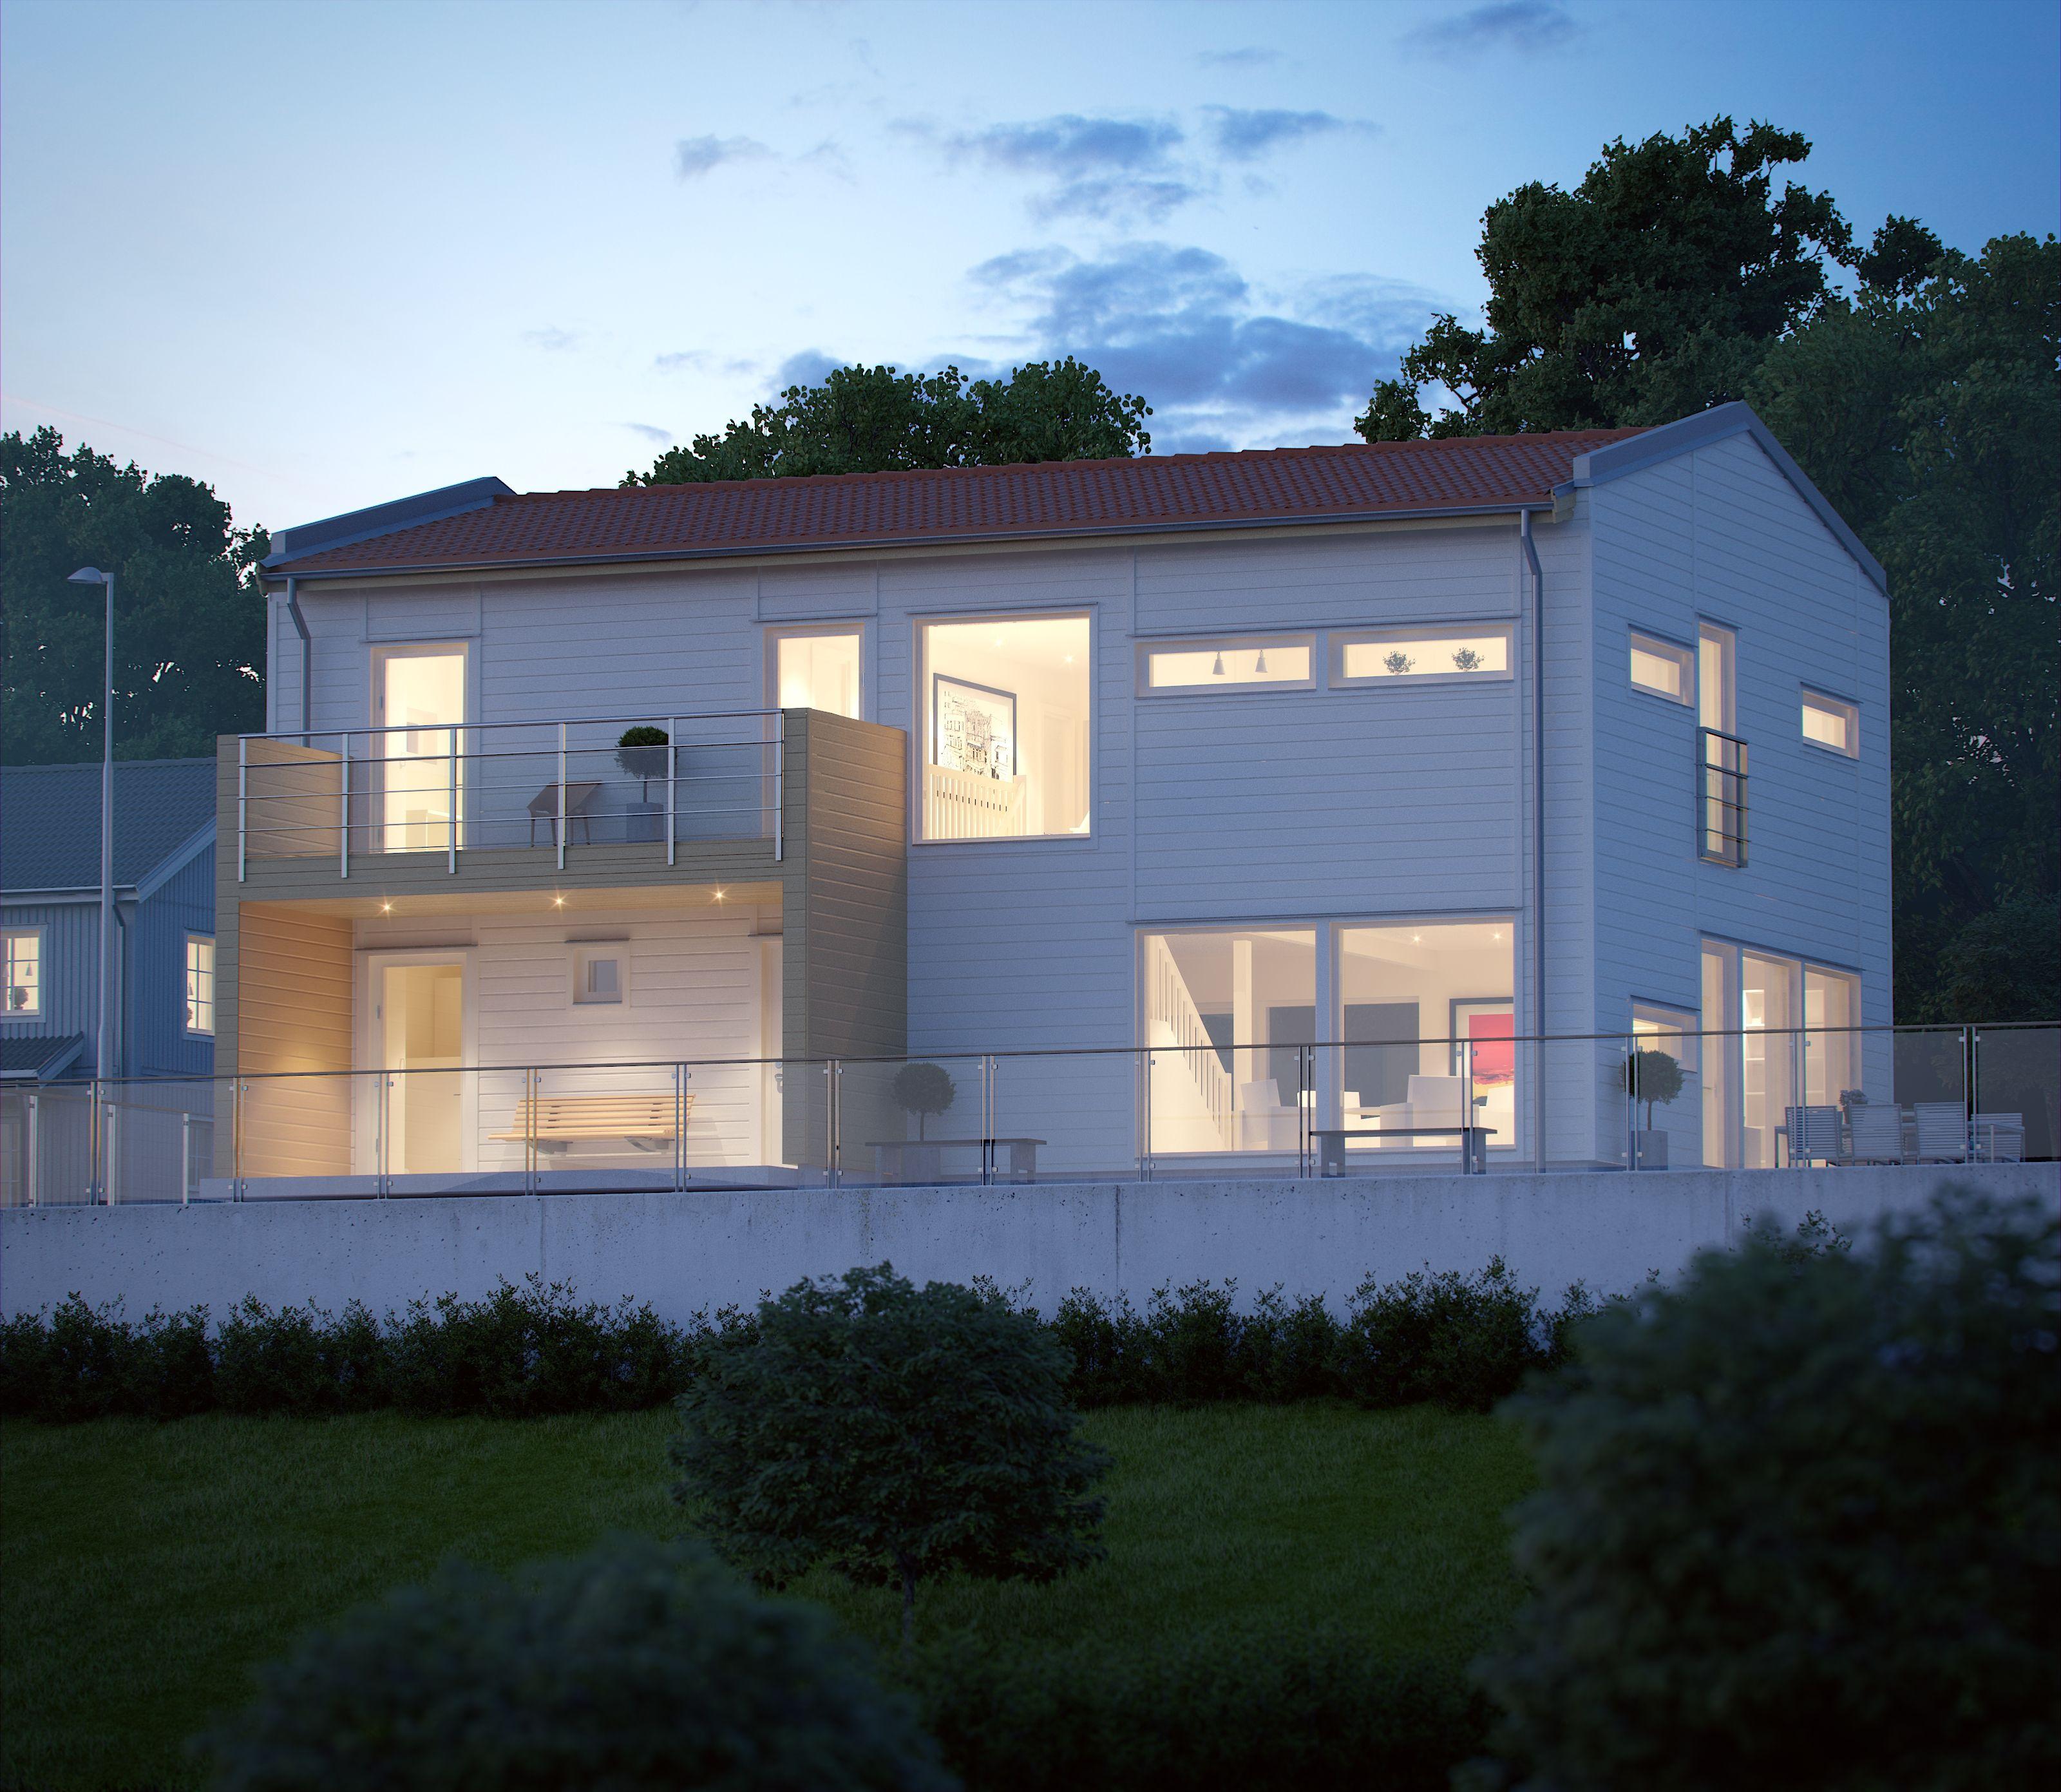 新築住宅の外観アイディア10選 箱型なナウトレンドデザイン: Stångskär